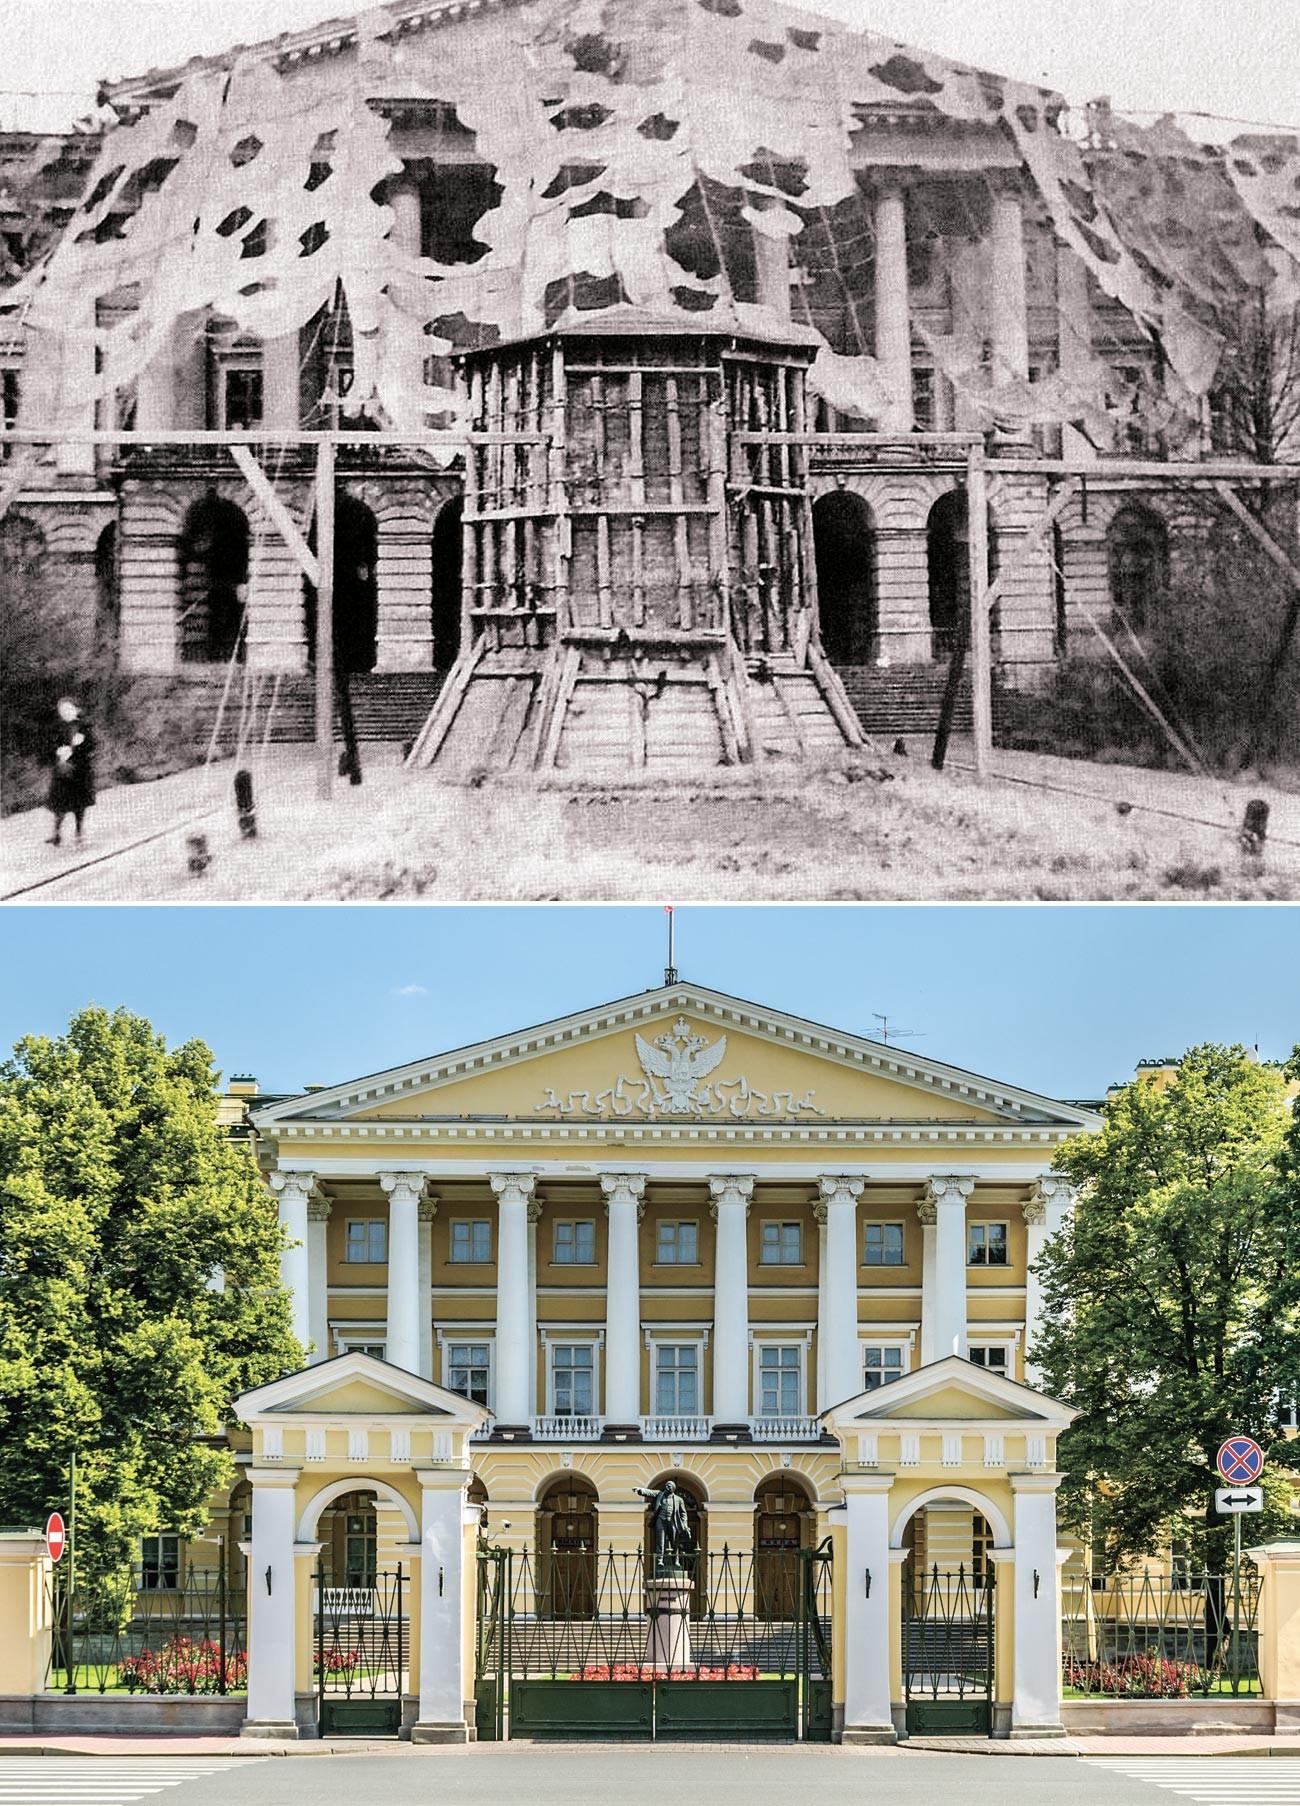 Il portico monumentale dello Smolnyj mascherato come se fosse un palazzo